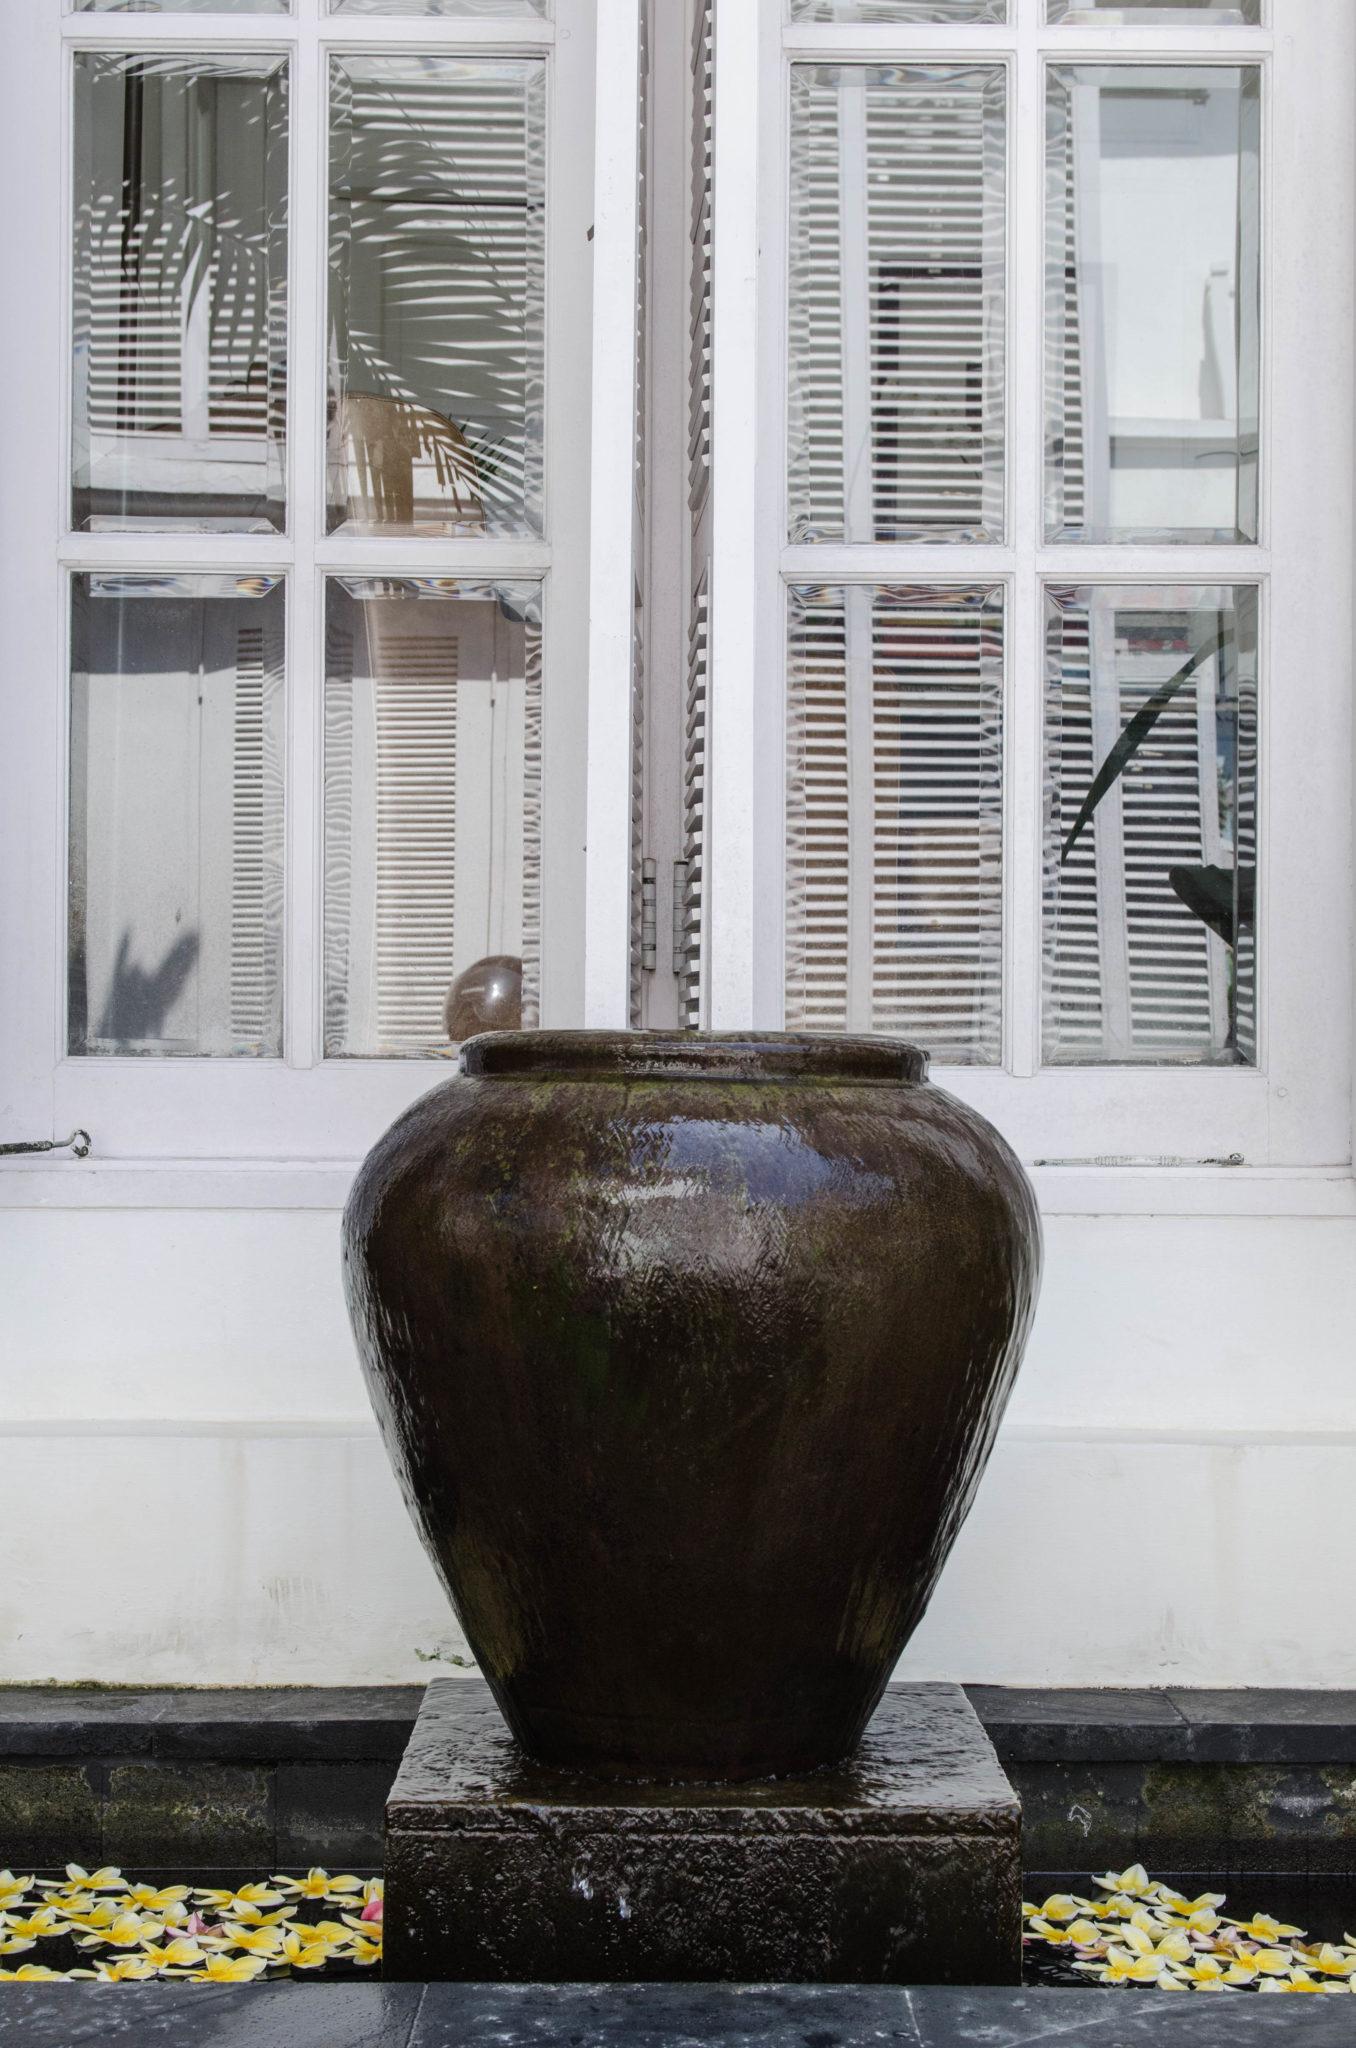 Eine große Vase in der Hotelanlage.